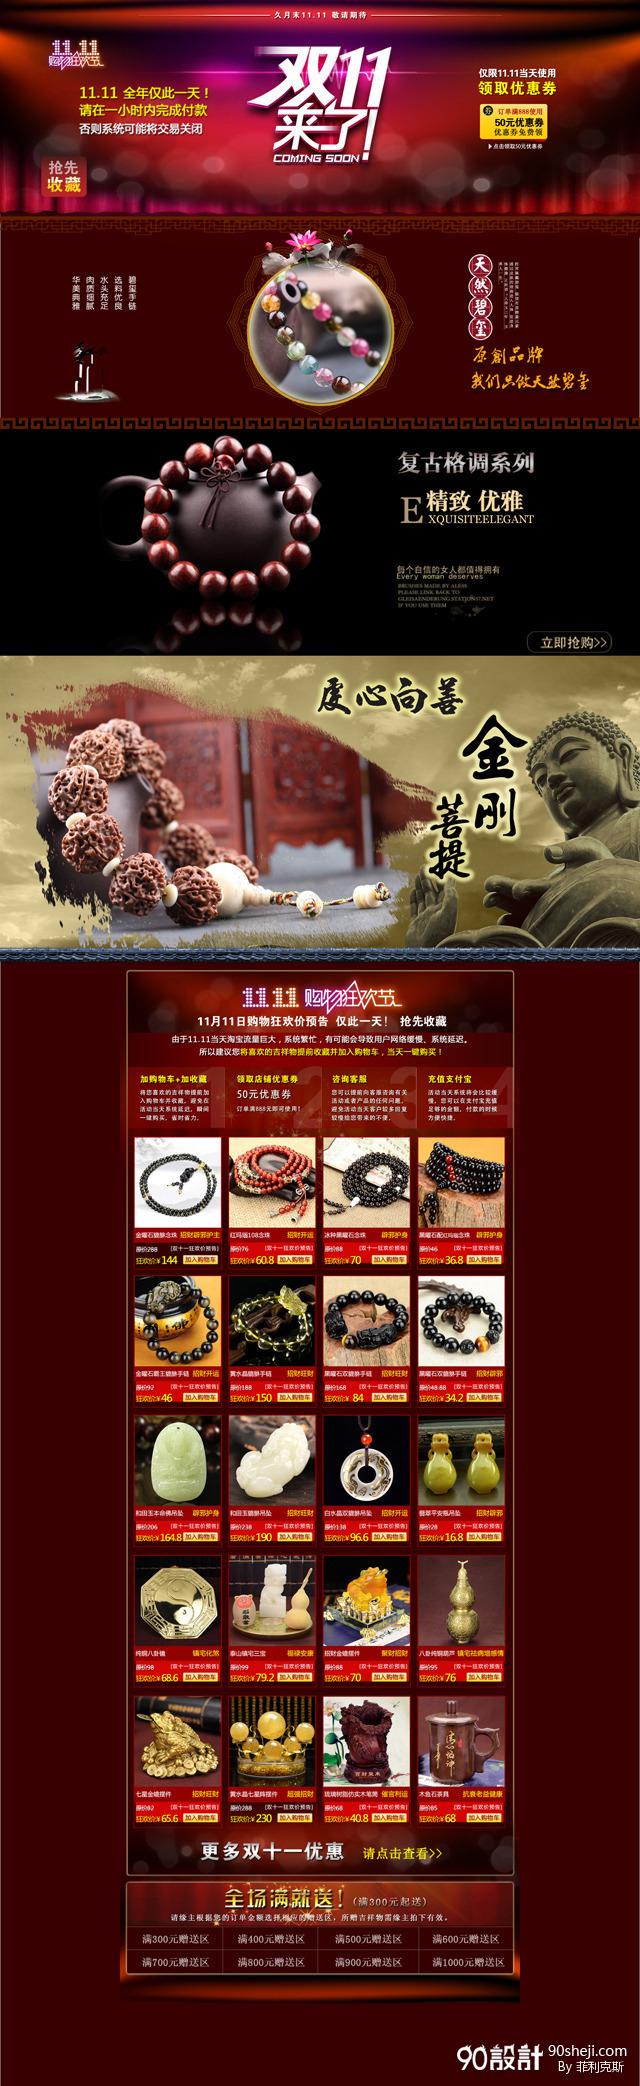 com/taobao/59856.html  共同进步!谢谢!元宵节快乐!